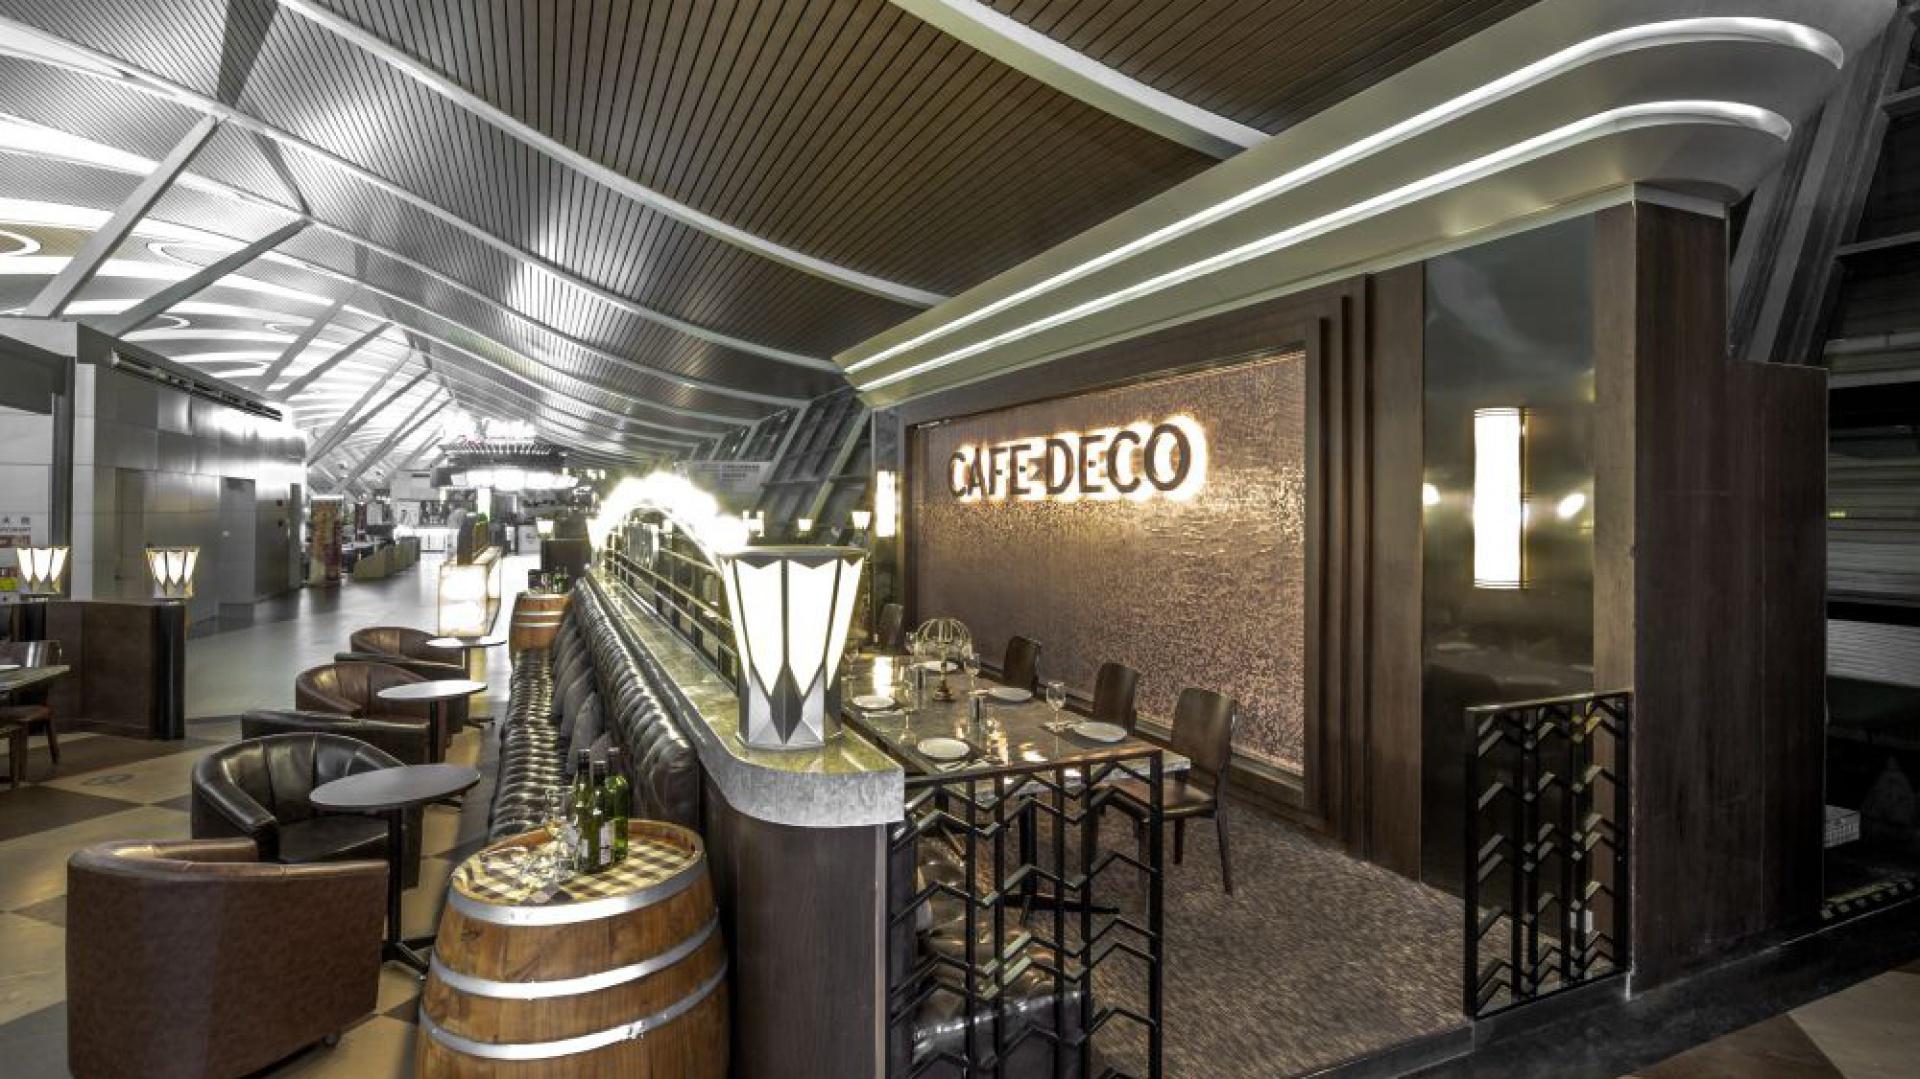 Wystrój wnętrz restauracji stoi pod znakiem Art Deco. Klimat tworzą m.in. stare fotografie Hong-Kongu, sofy utrzymane w stylistyce vintage czy stoły z marmurowymi blatami. Fot. Cafe Deco